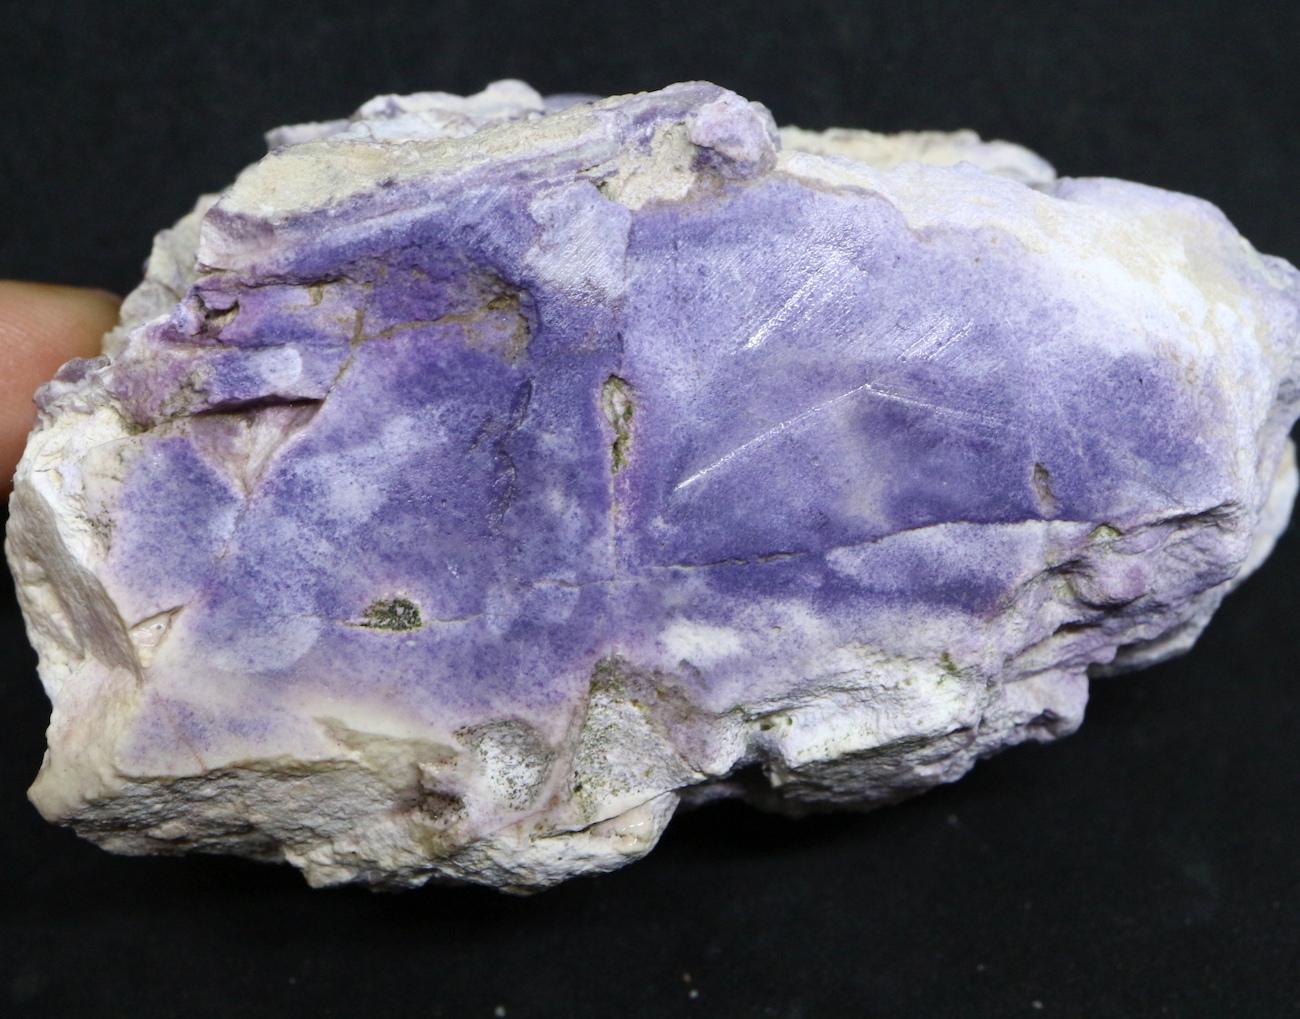 超希少!ティファニーストーン 原石 ユタ州産 227,9g 鉱物 TF006